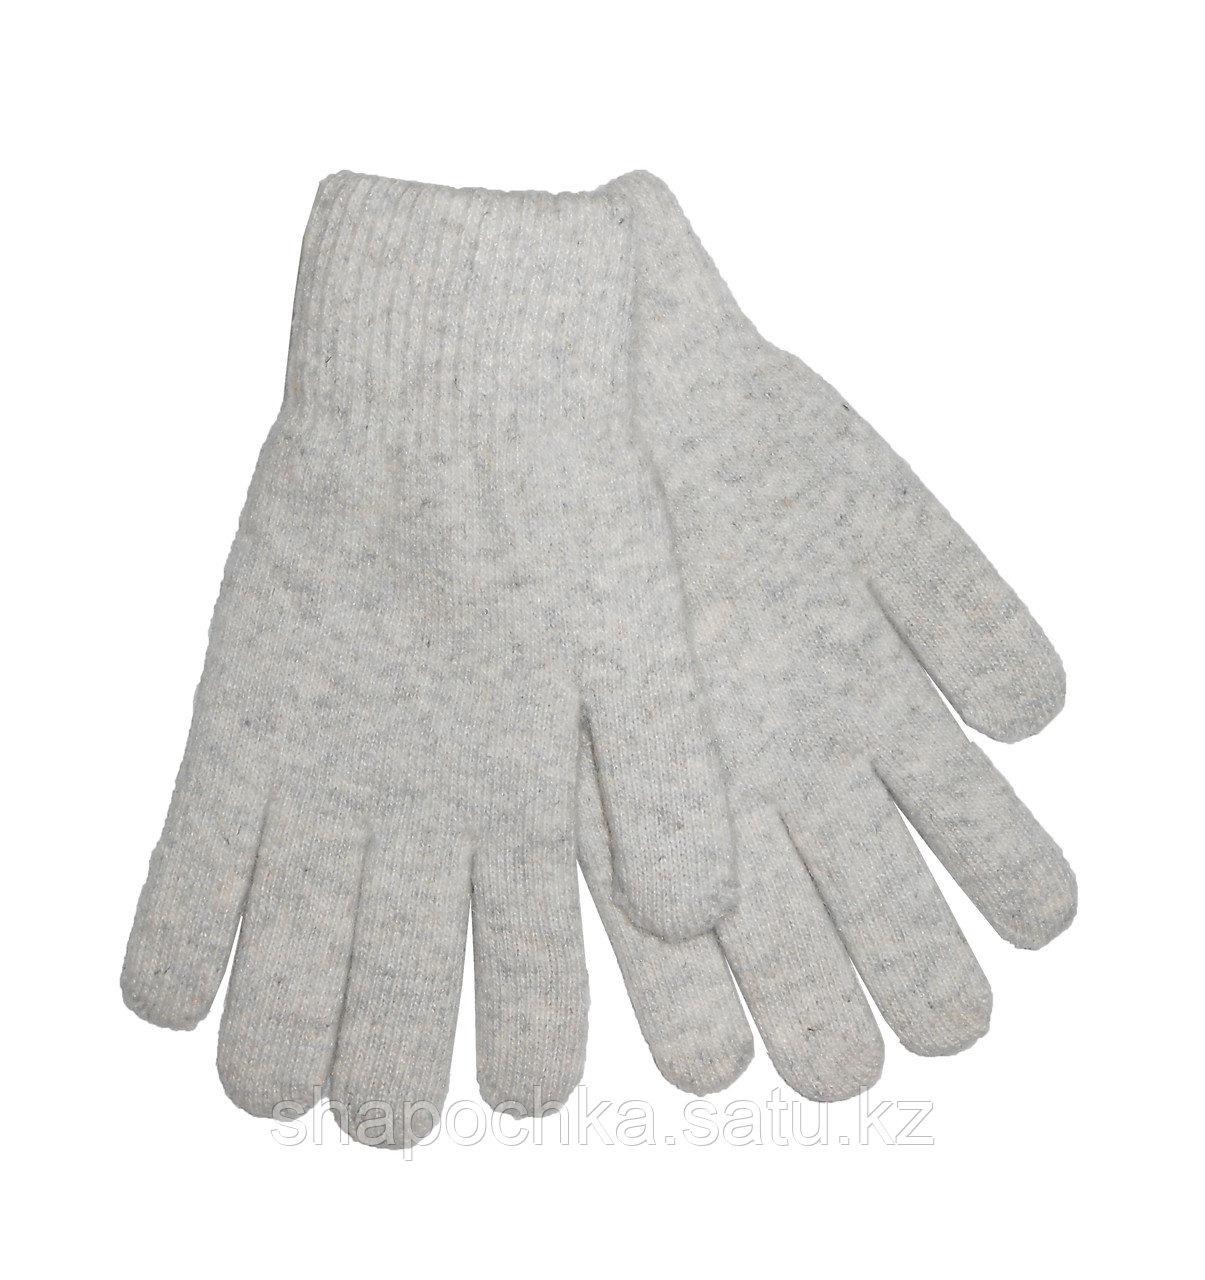 Перчатки жен Henu ангора